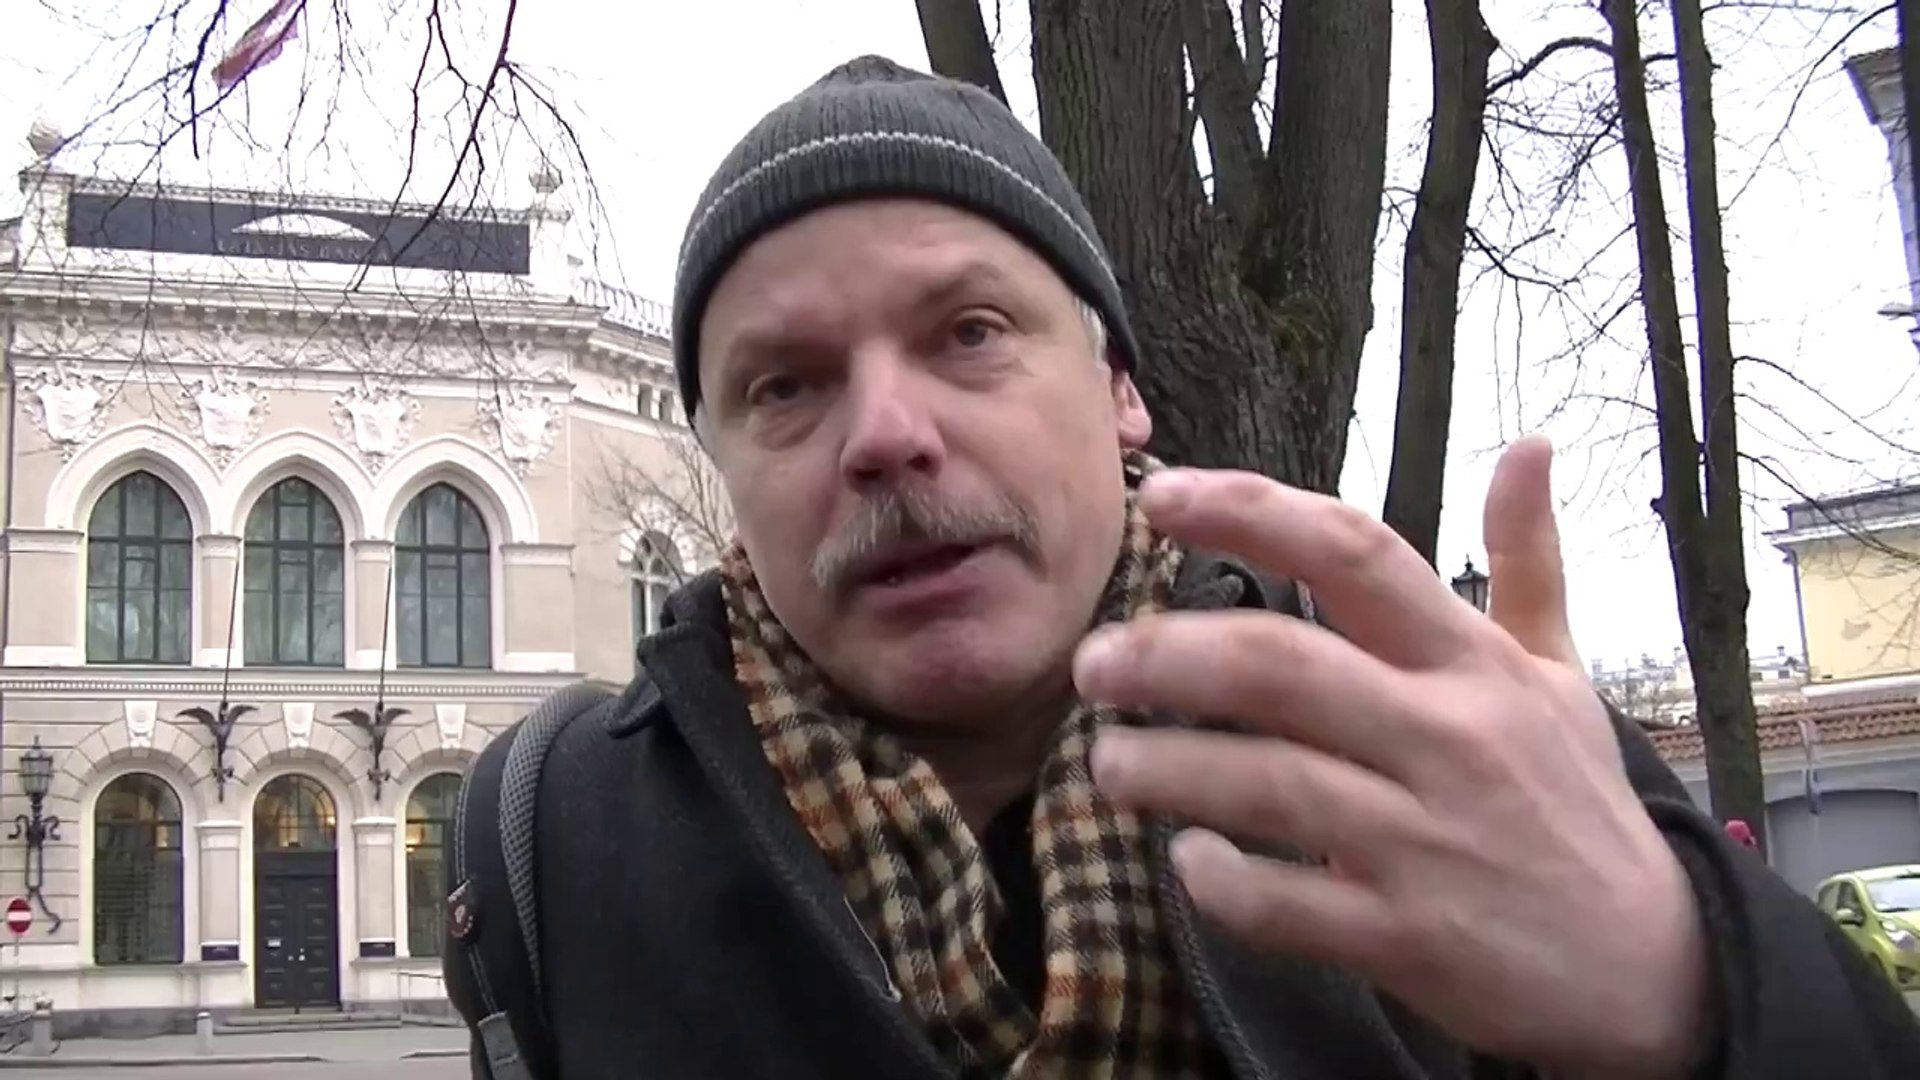 Рига у банка Латвии 27 декабря 2013 года